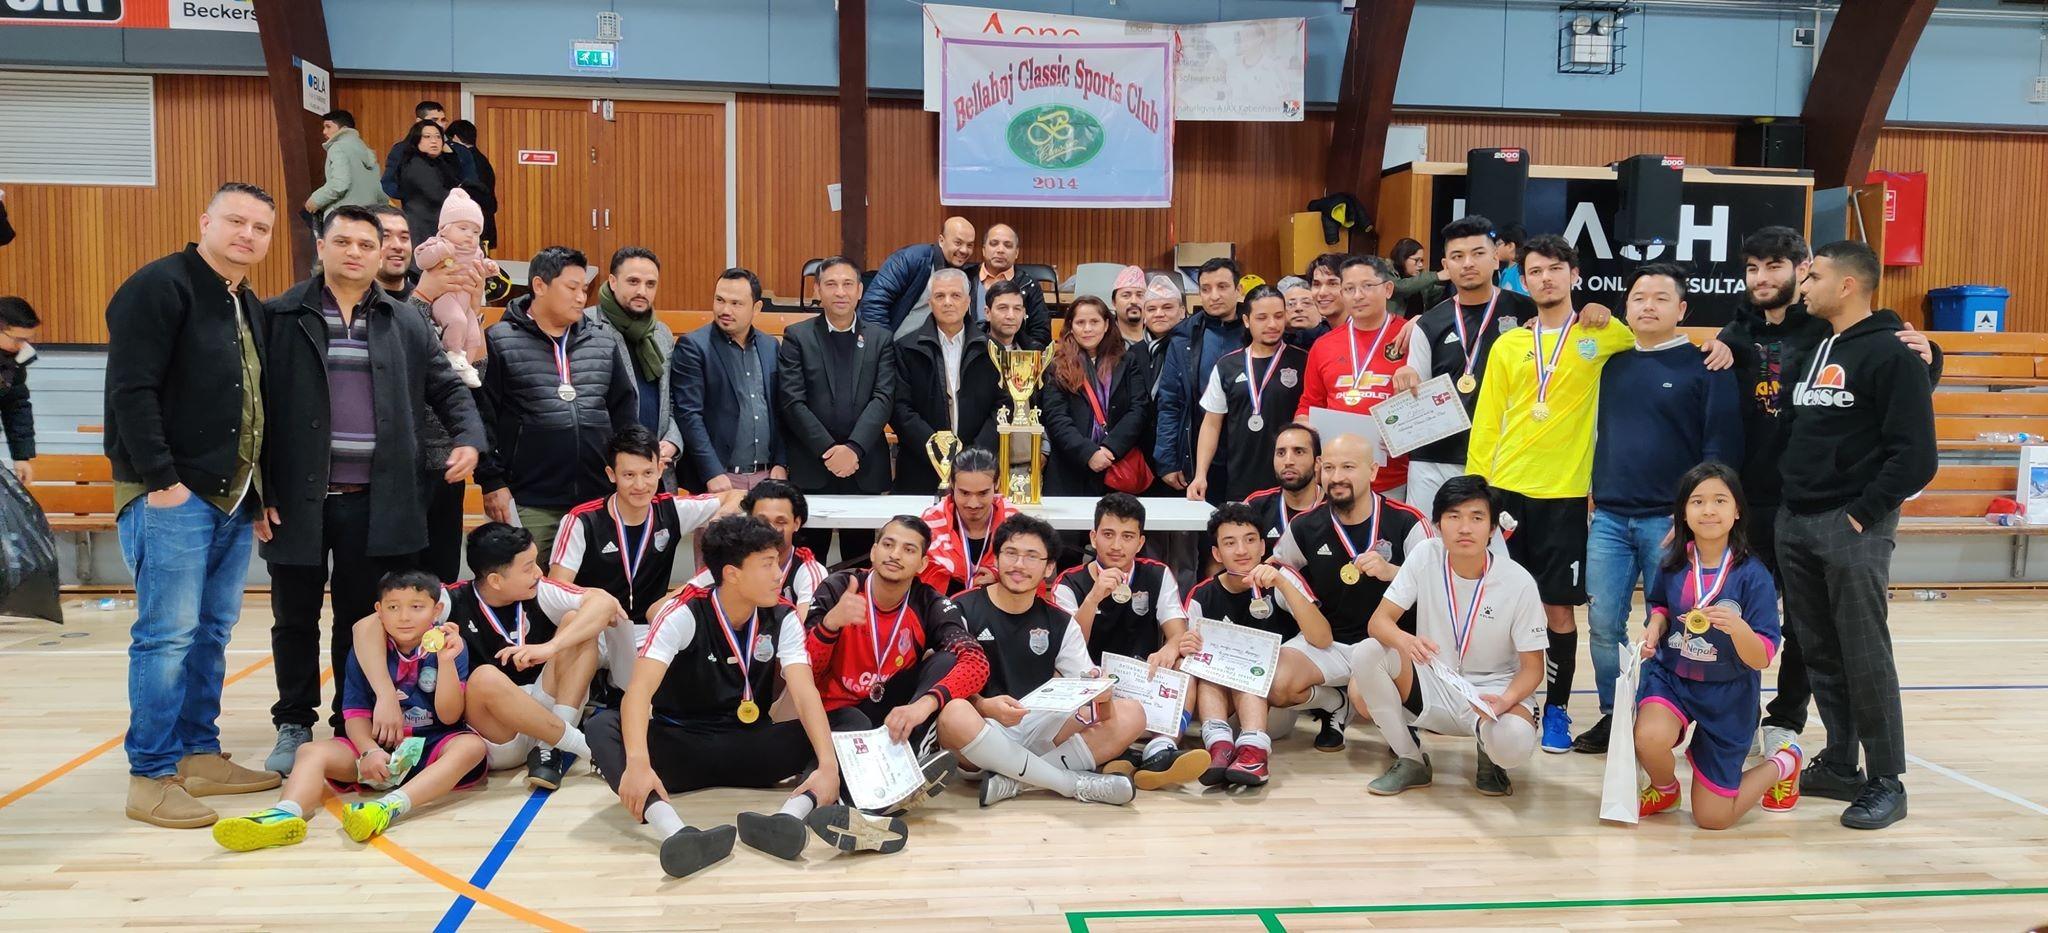 डेनमार्कमा नेपालीबीच फुटसल प्रतियोगिता सम्पन्न